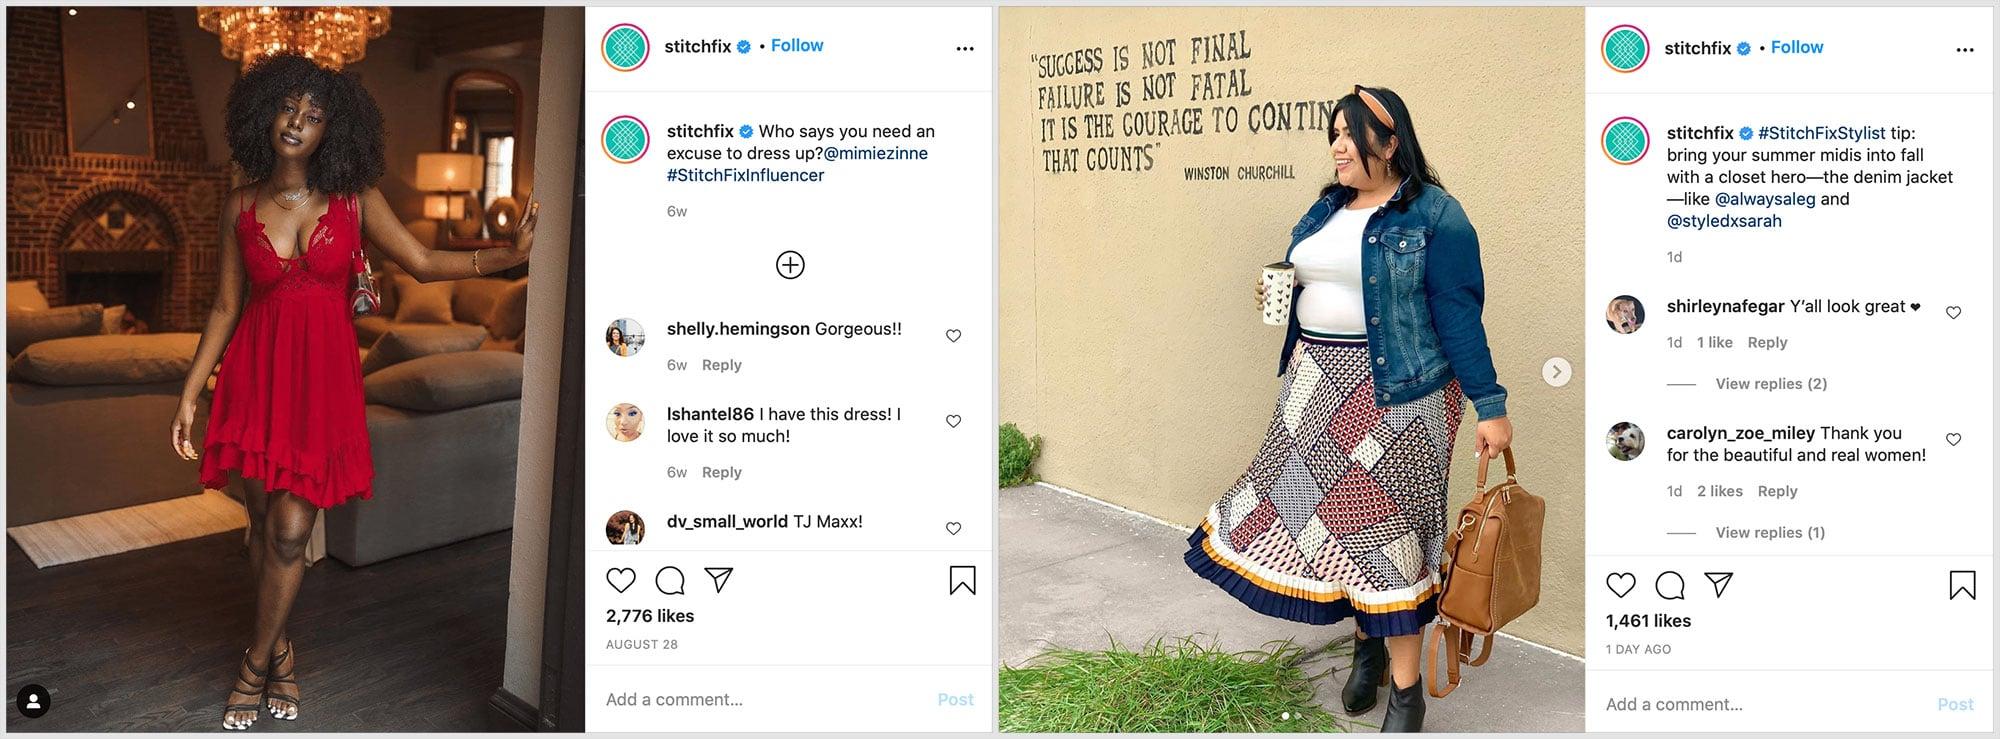 StitchFix Instagram